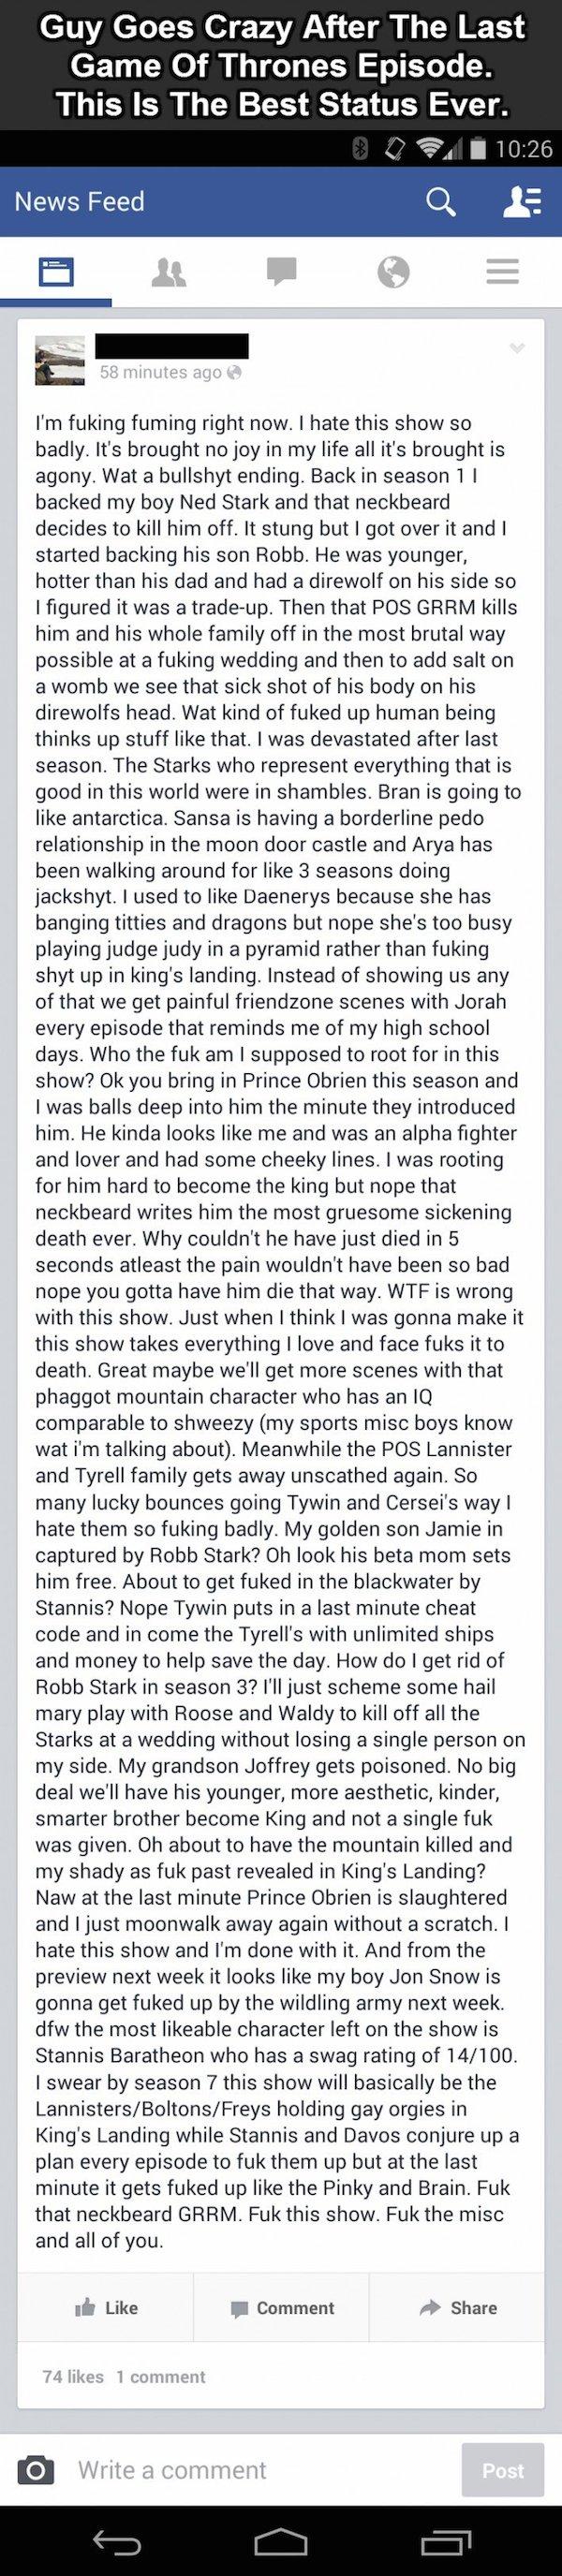 Insane Game Of Thrones Facebook Status Update